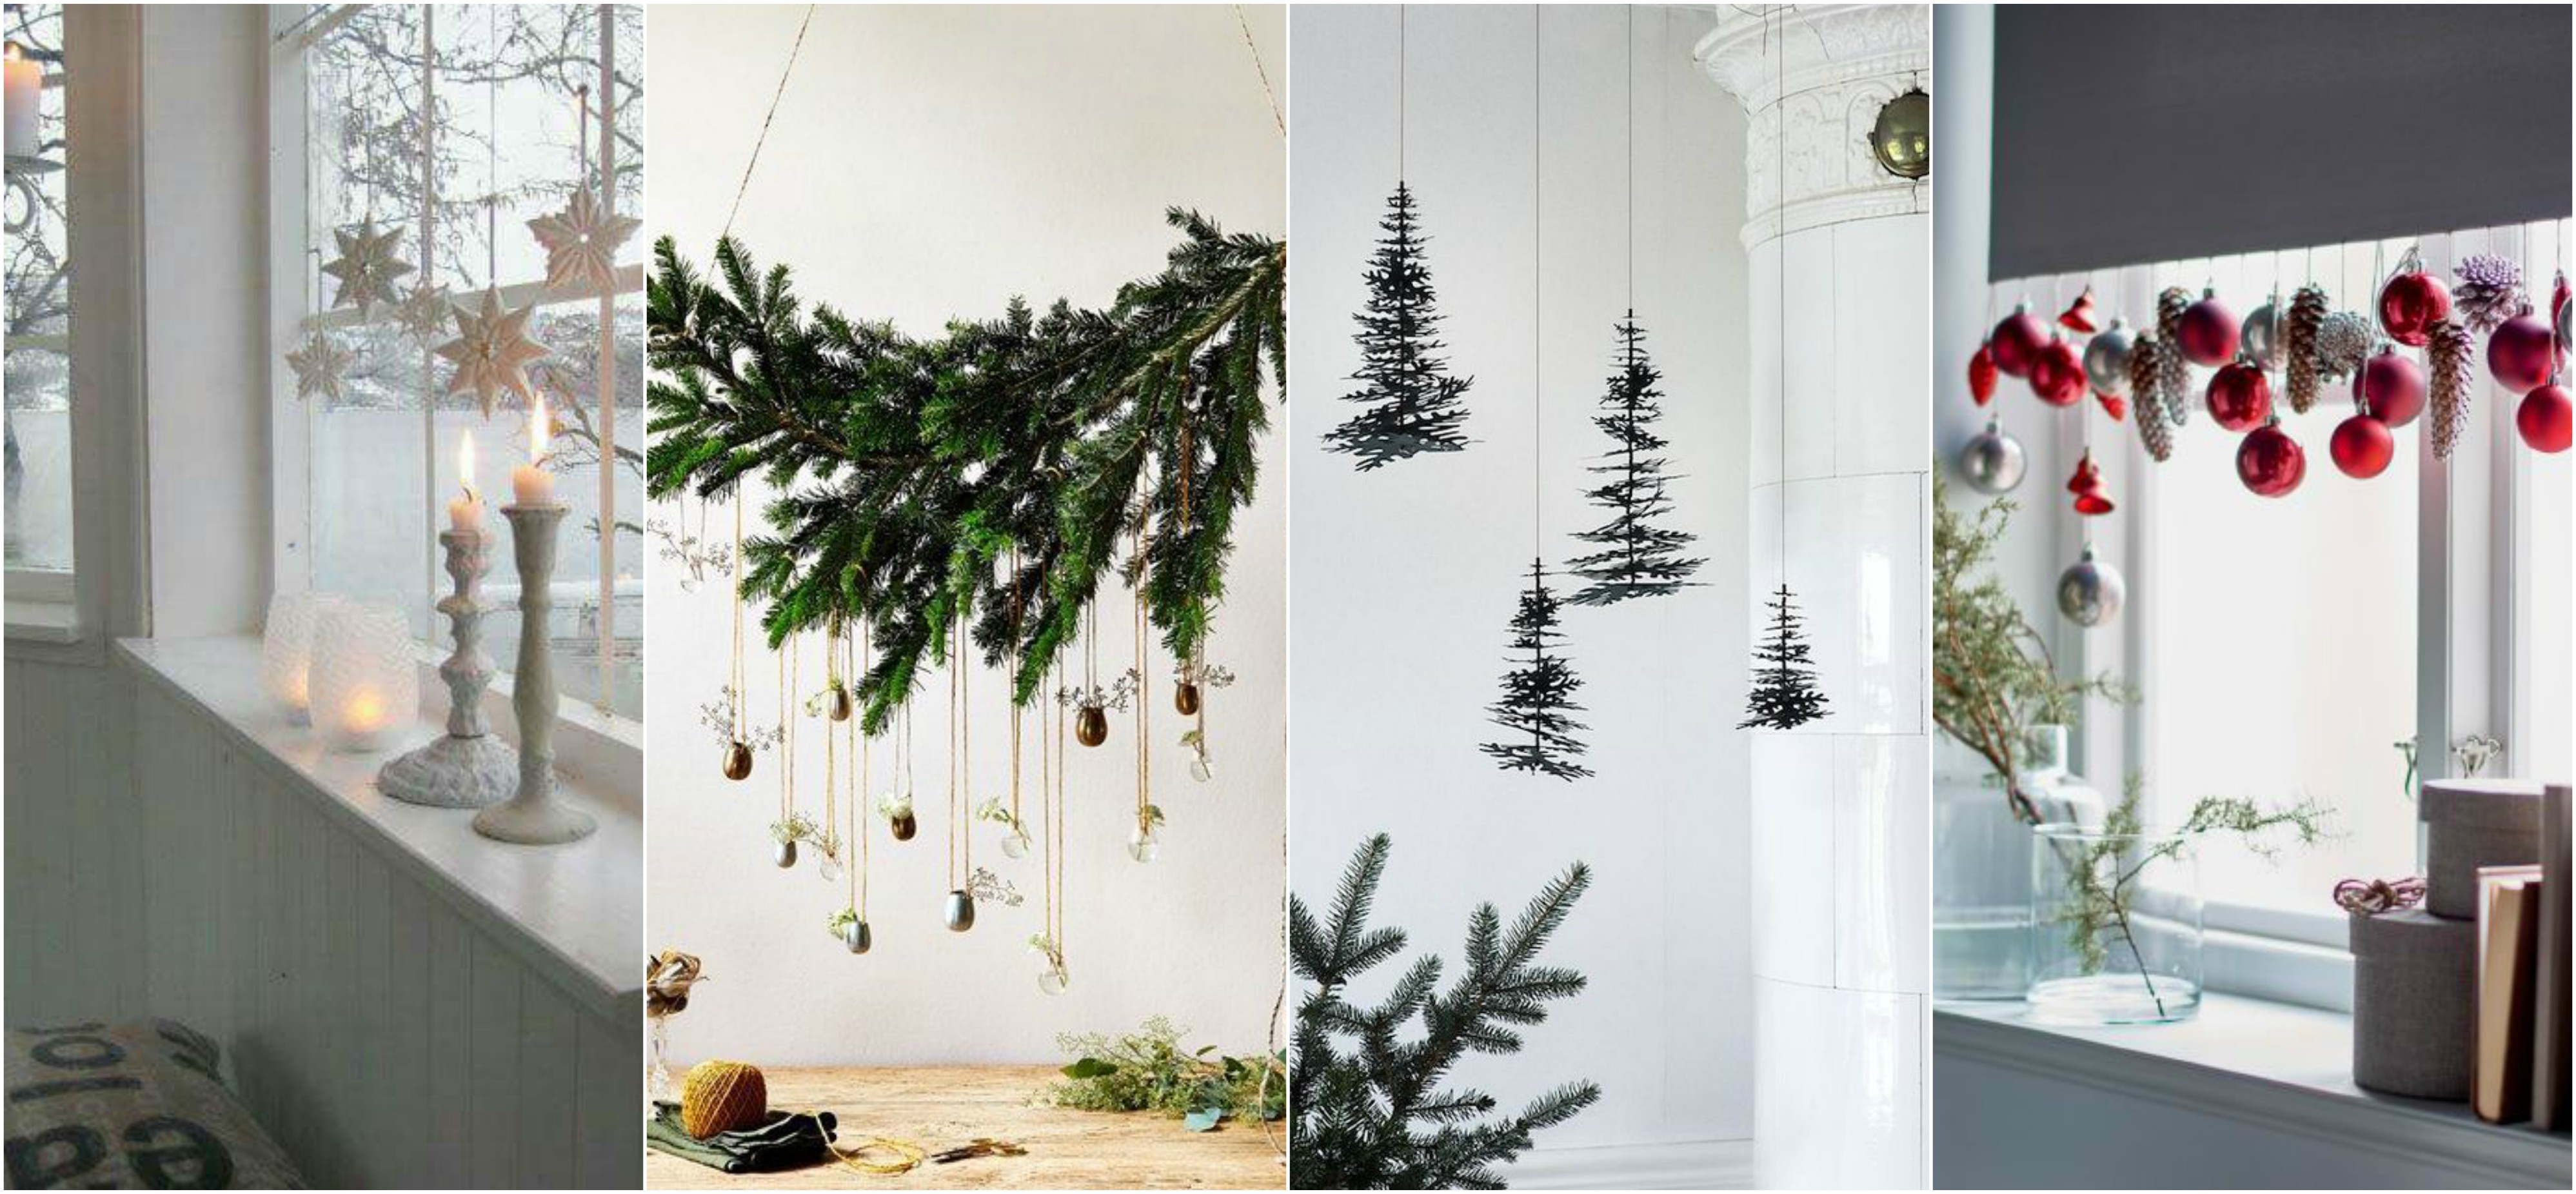 20 top h ngende weihnachtliche deko ideen. Black Bedroom Furniture Sets. Home Design Ideas